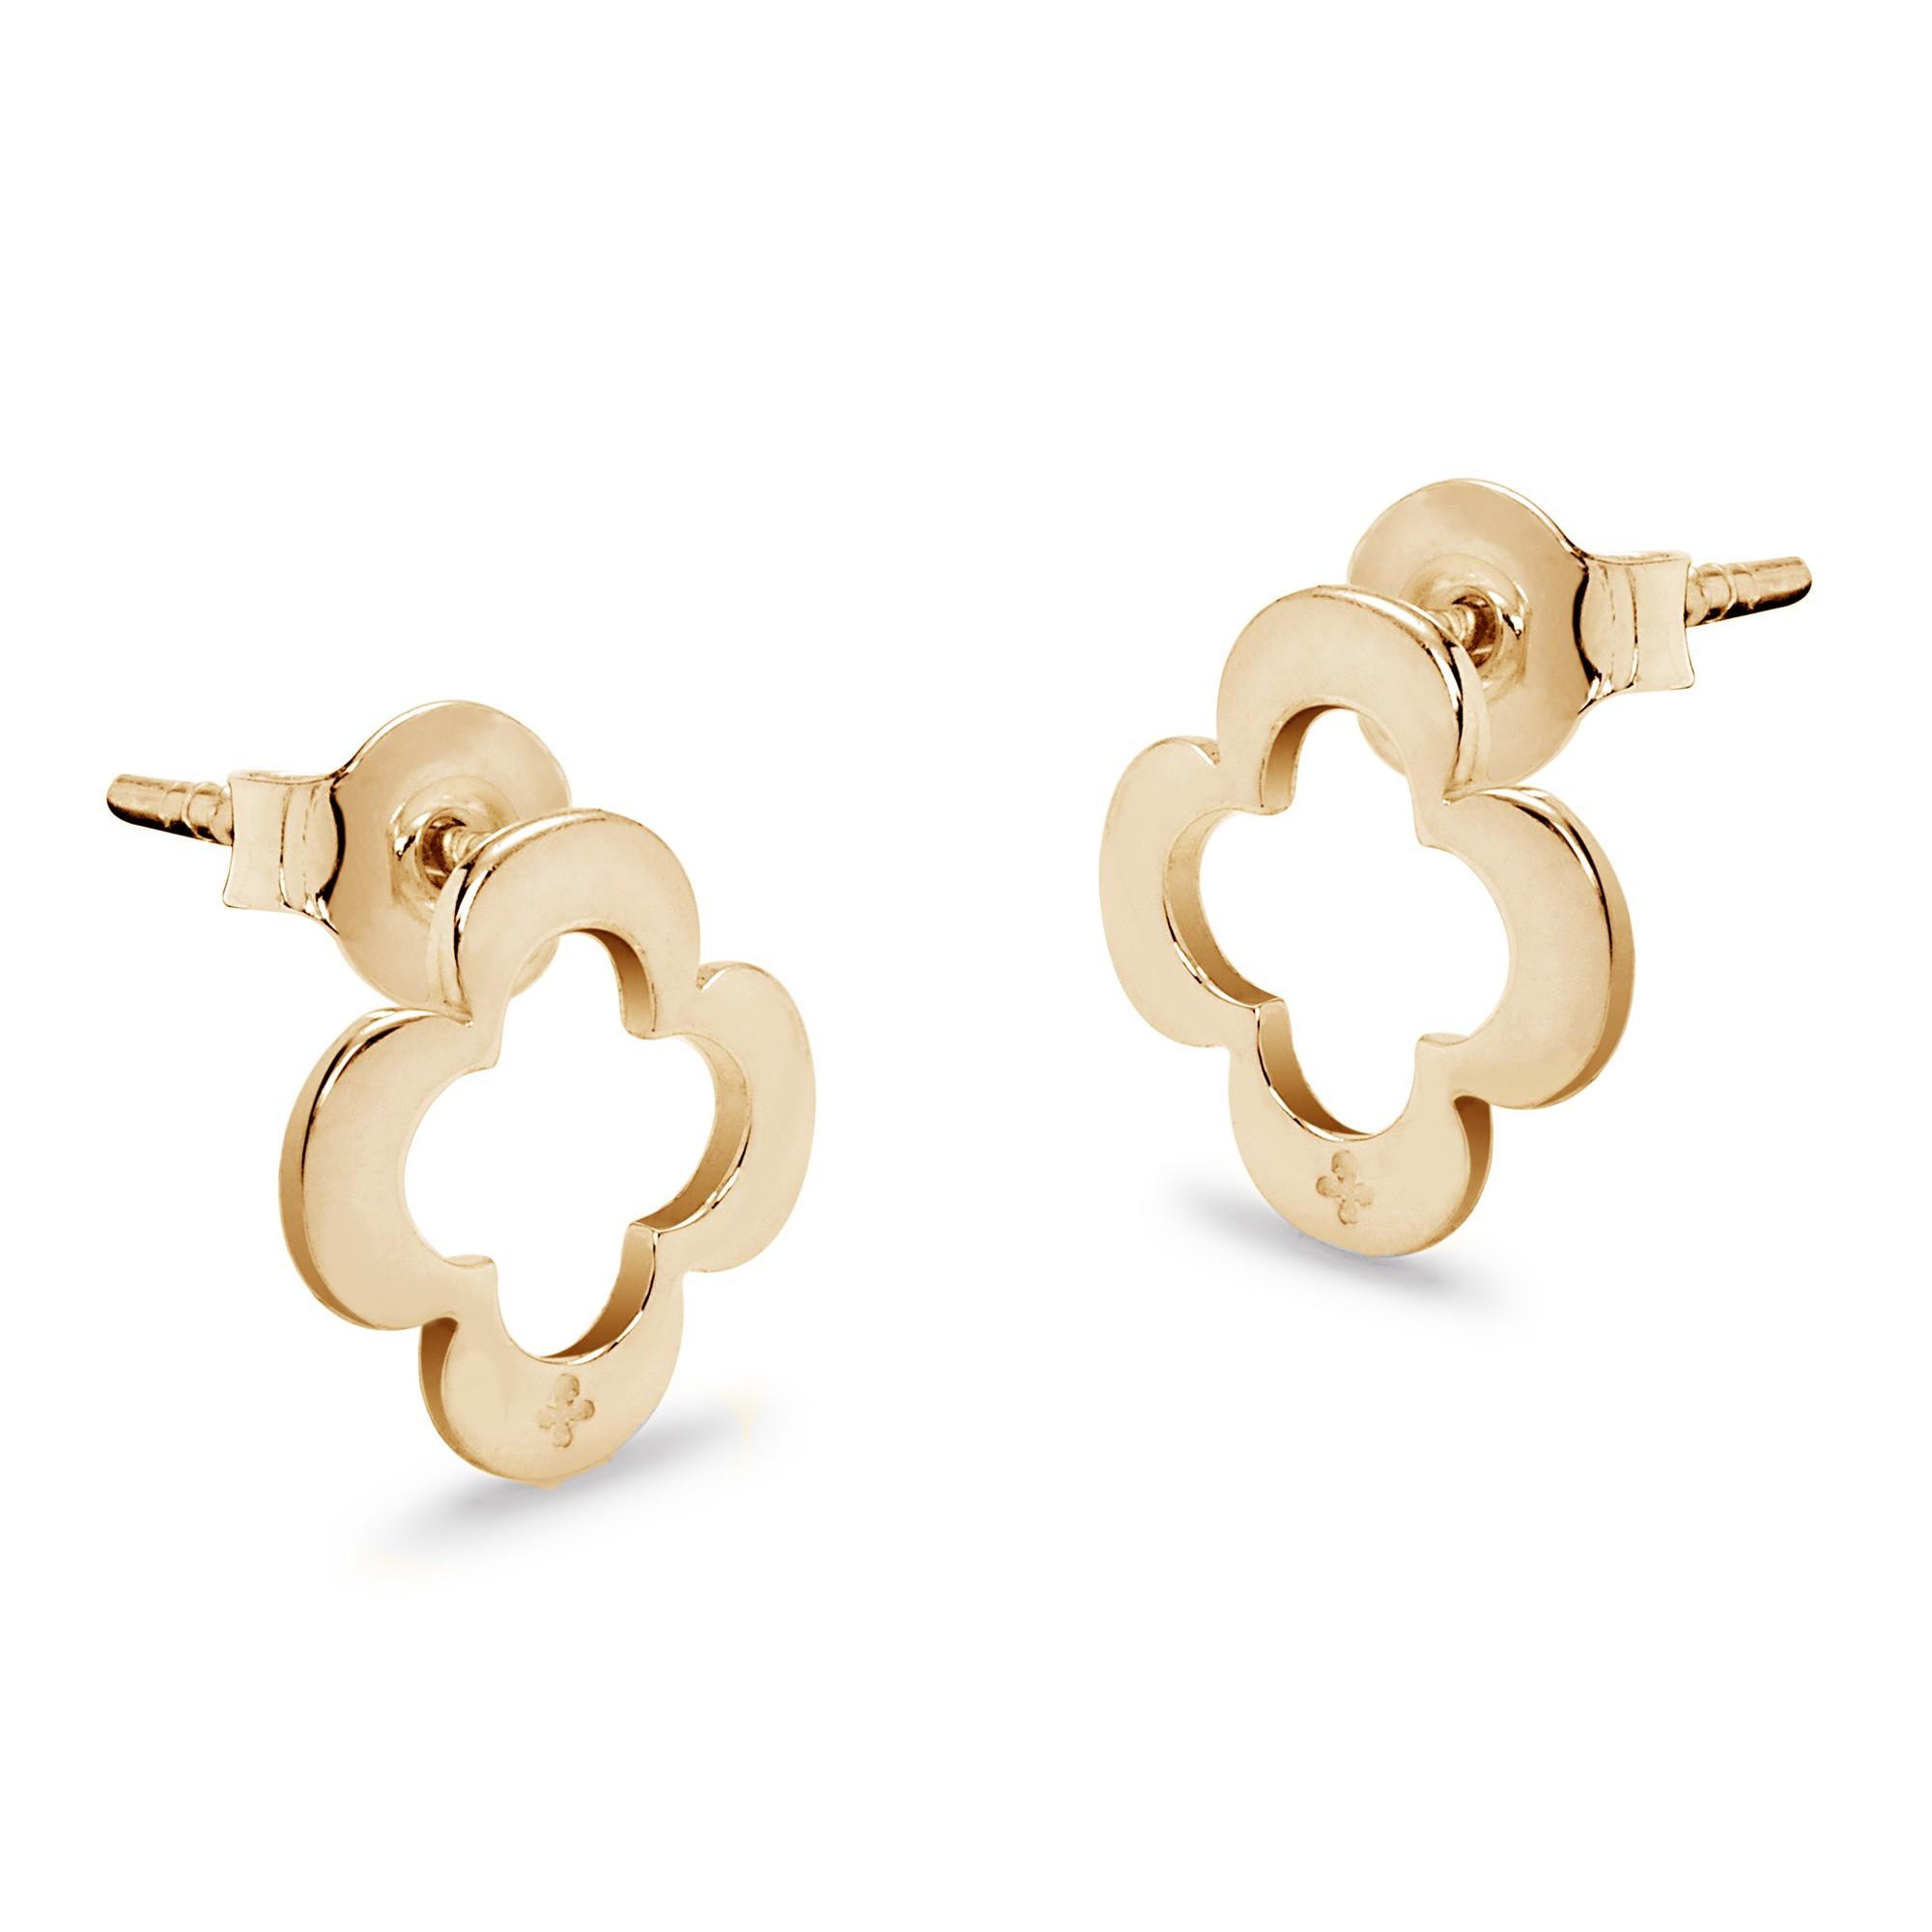 Boucles d'oreilles trèfle ajourées en plaqué or